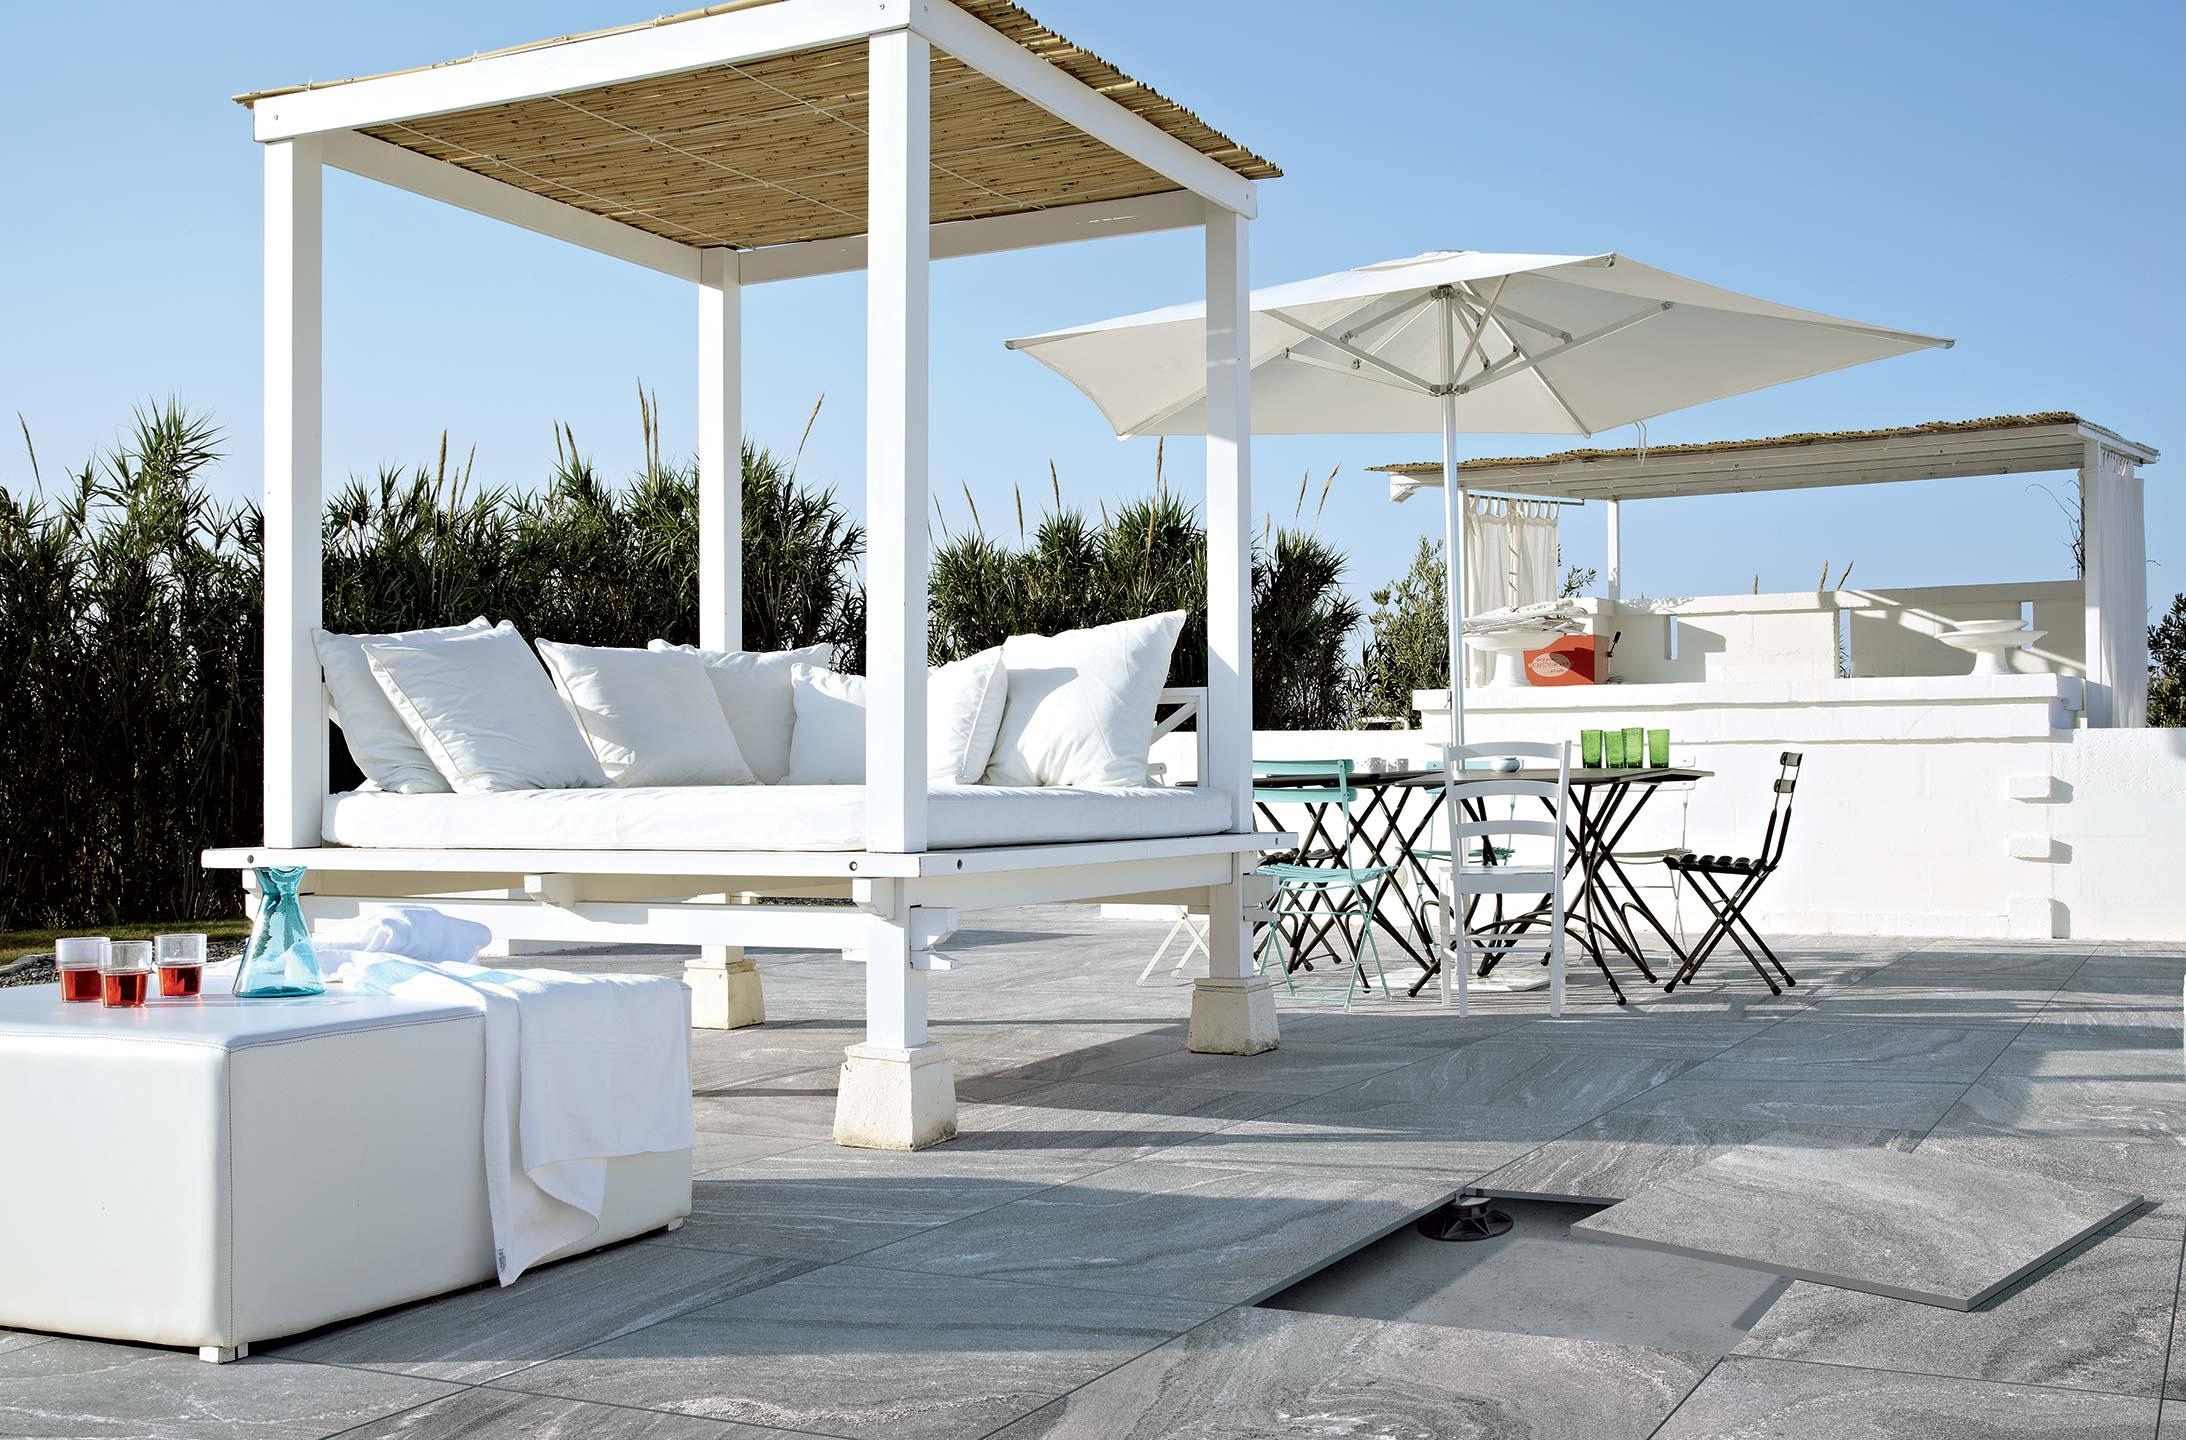 Pavimentos exteriores elevados para terrezas y jardines - Pavimentos para exteriores ...